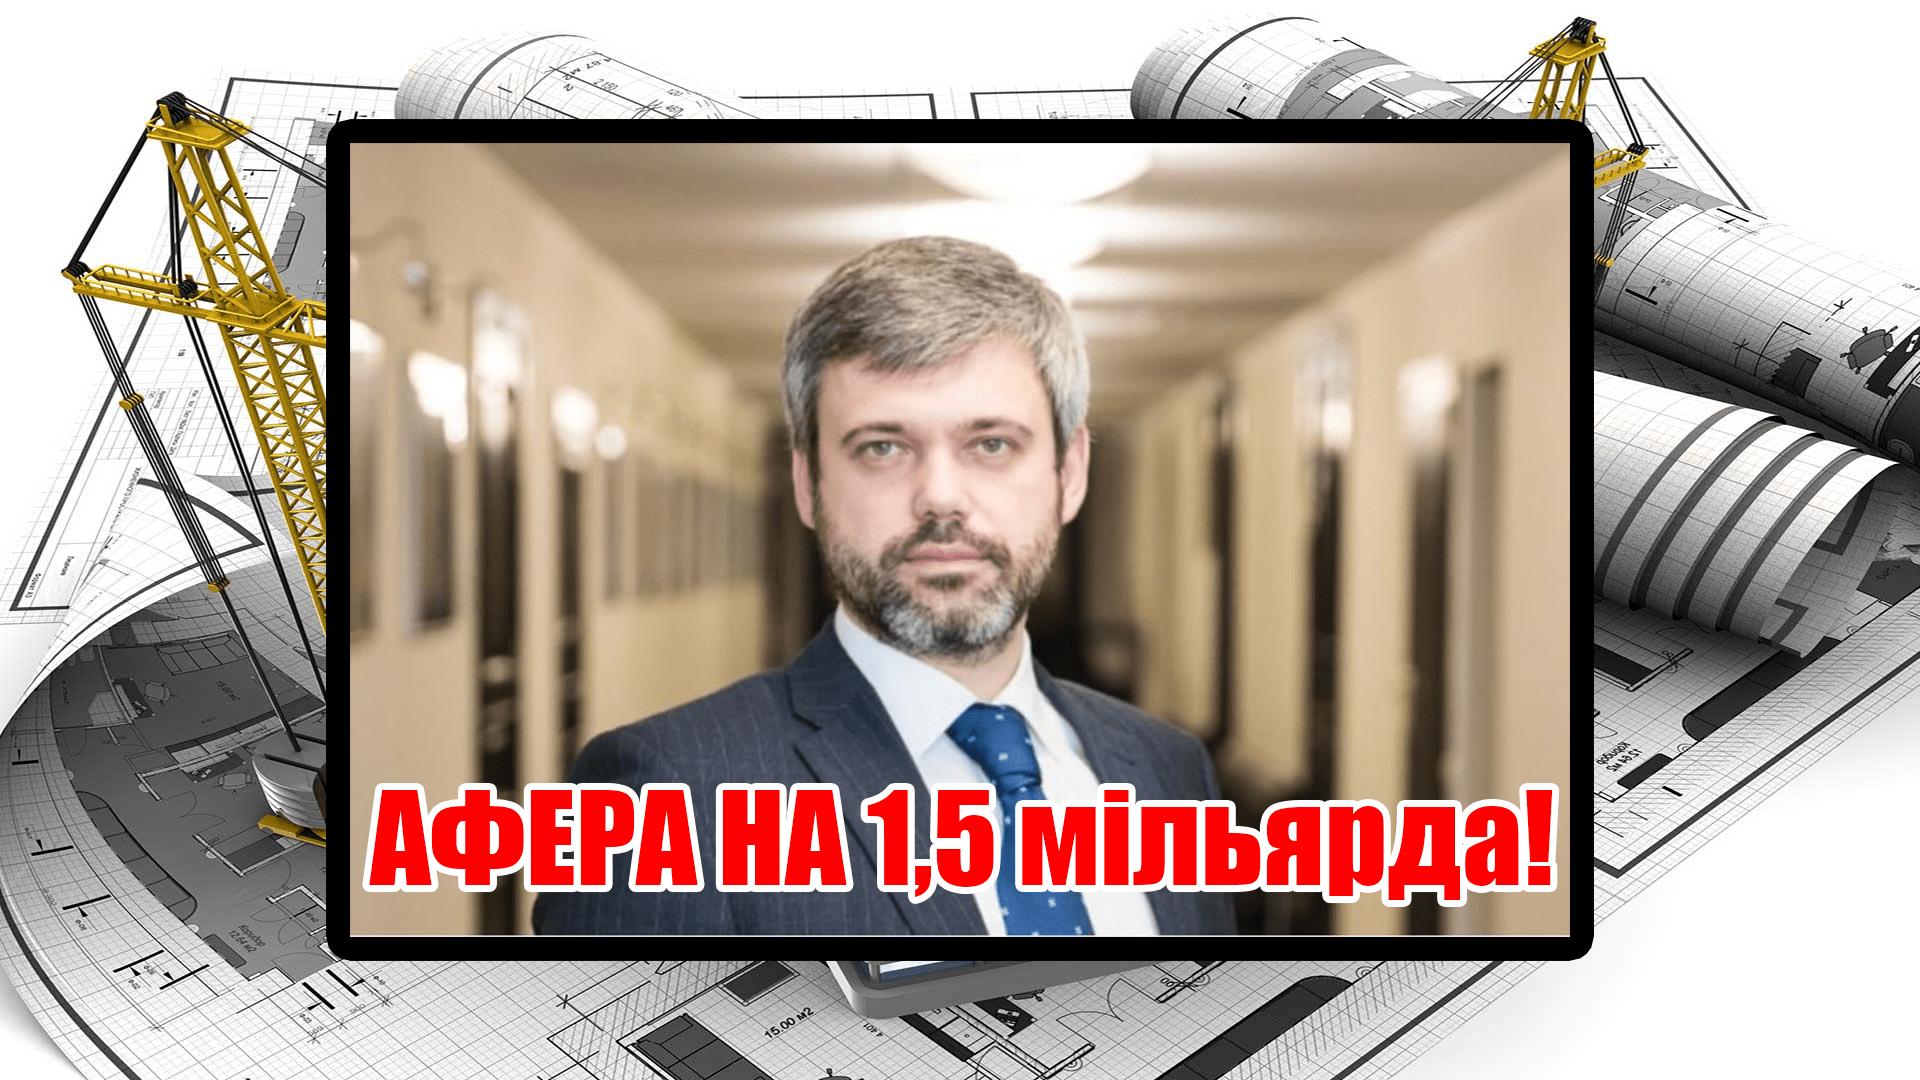 Петро Оленич аферист українофоб вкрав у Киян 1,5 млрд